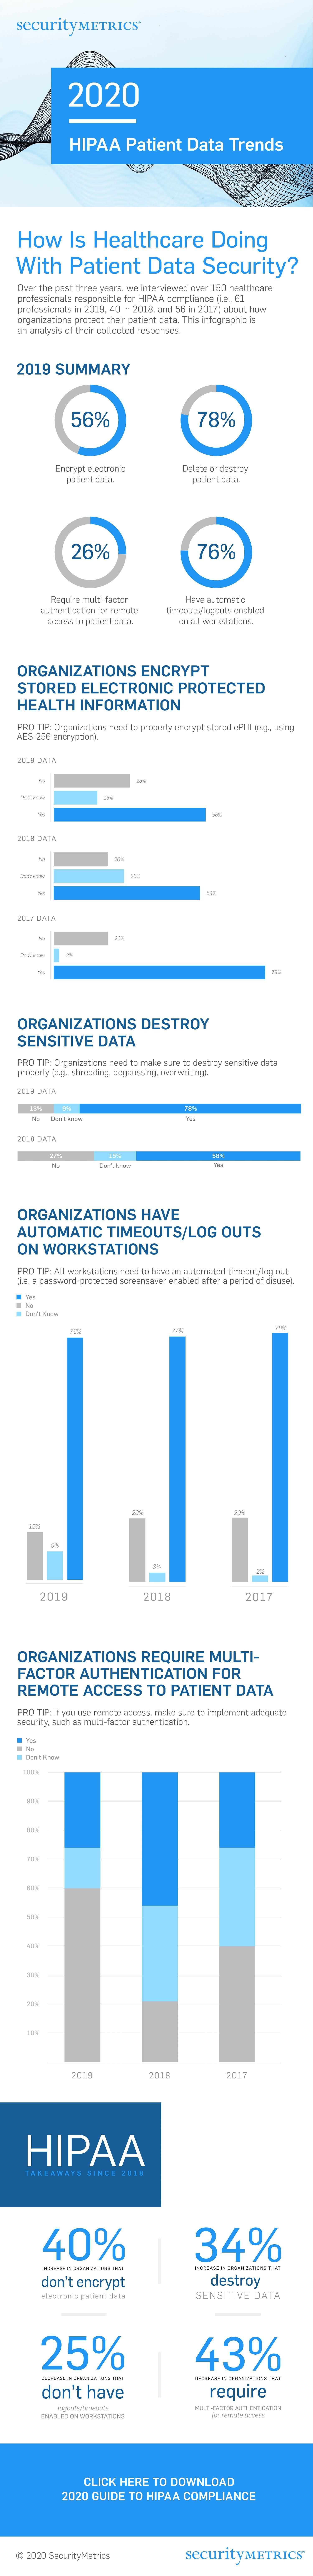 2020 HIPAA Patient Data Trends